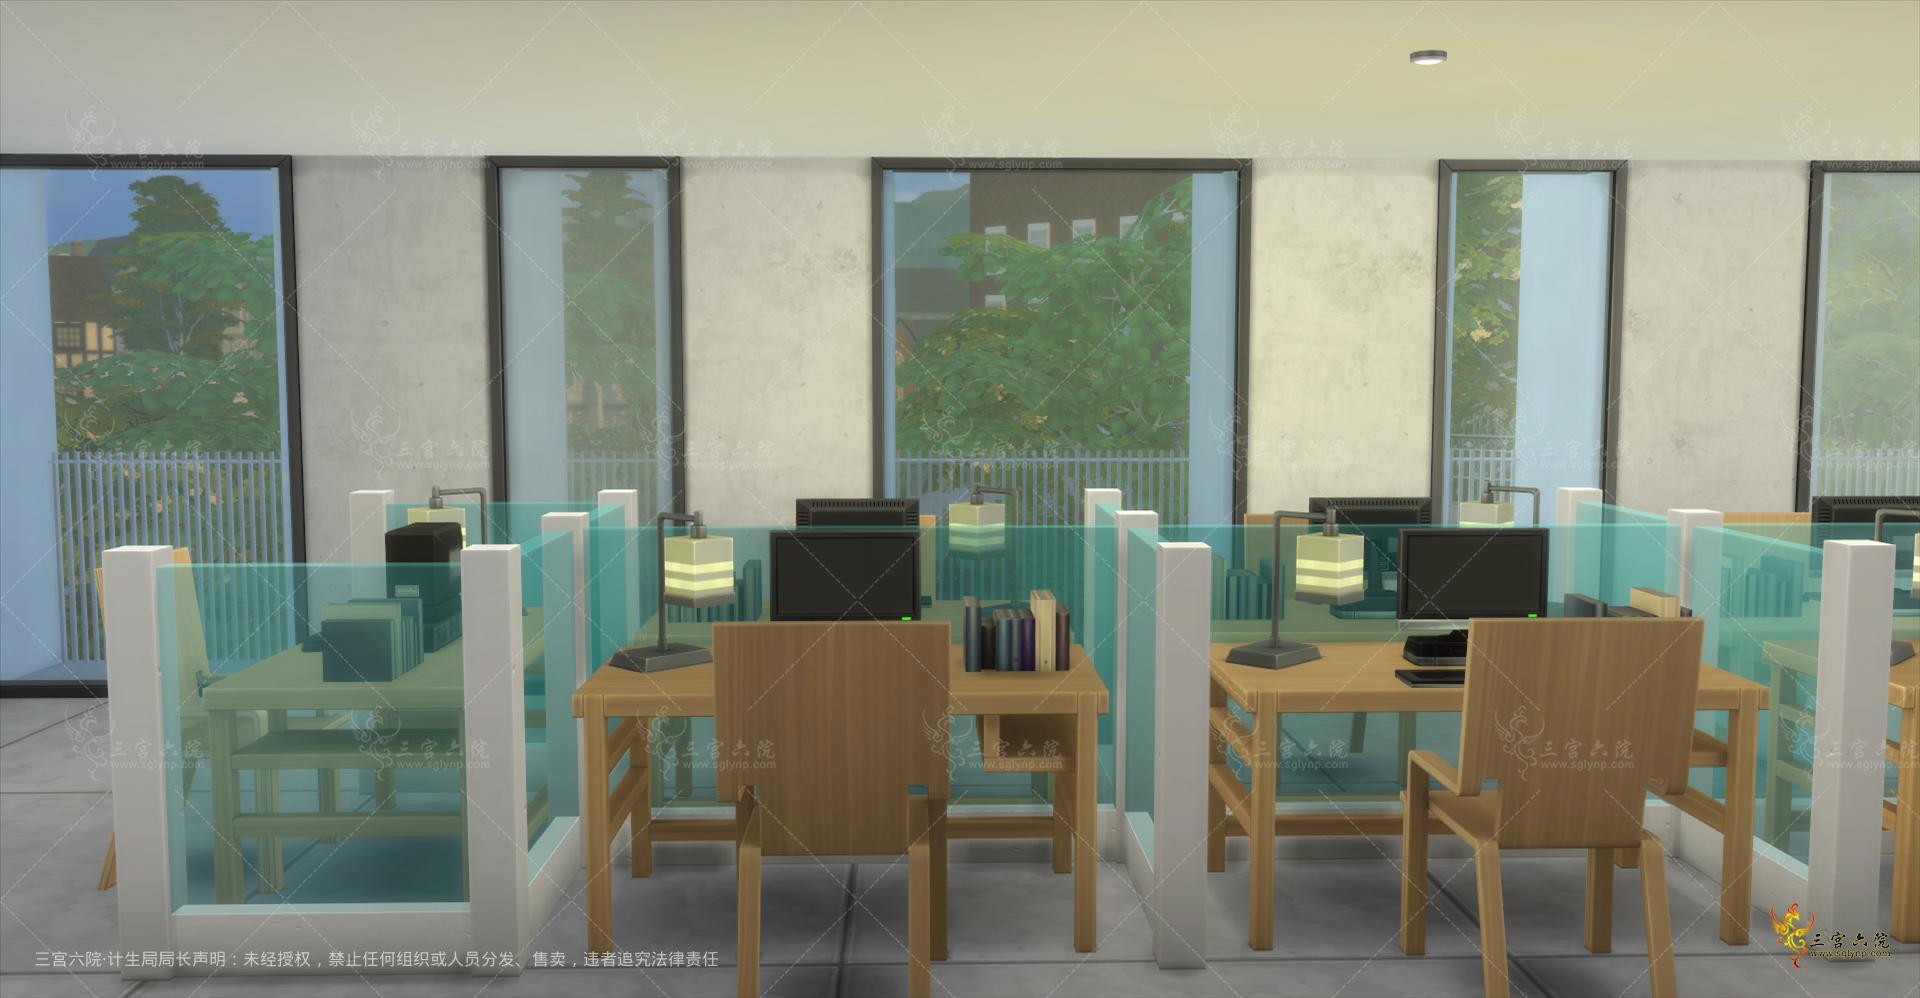 Sims 4 Screenshot 2021.09.19 - 14.14.37.31.png